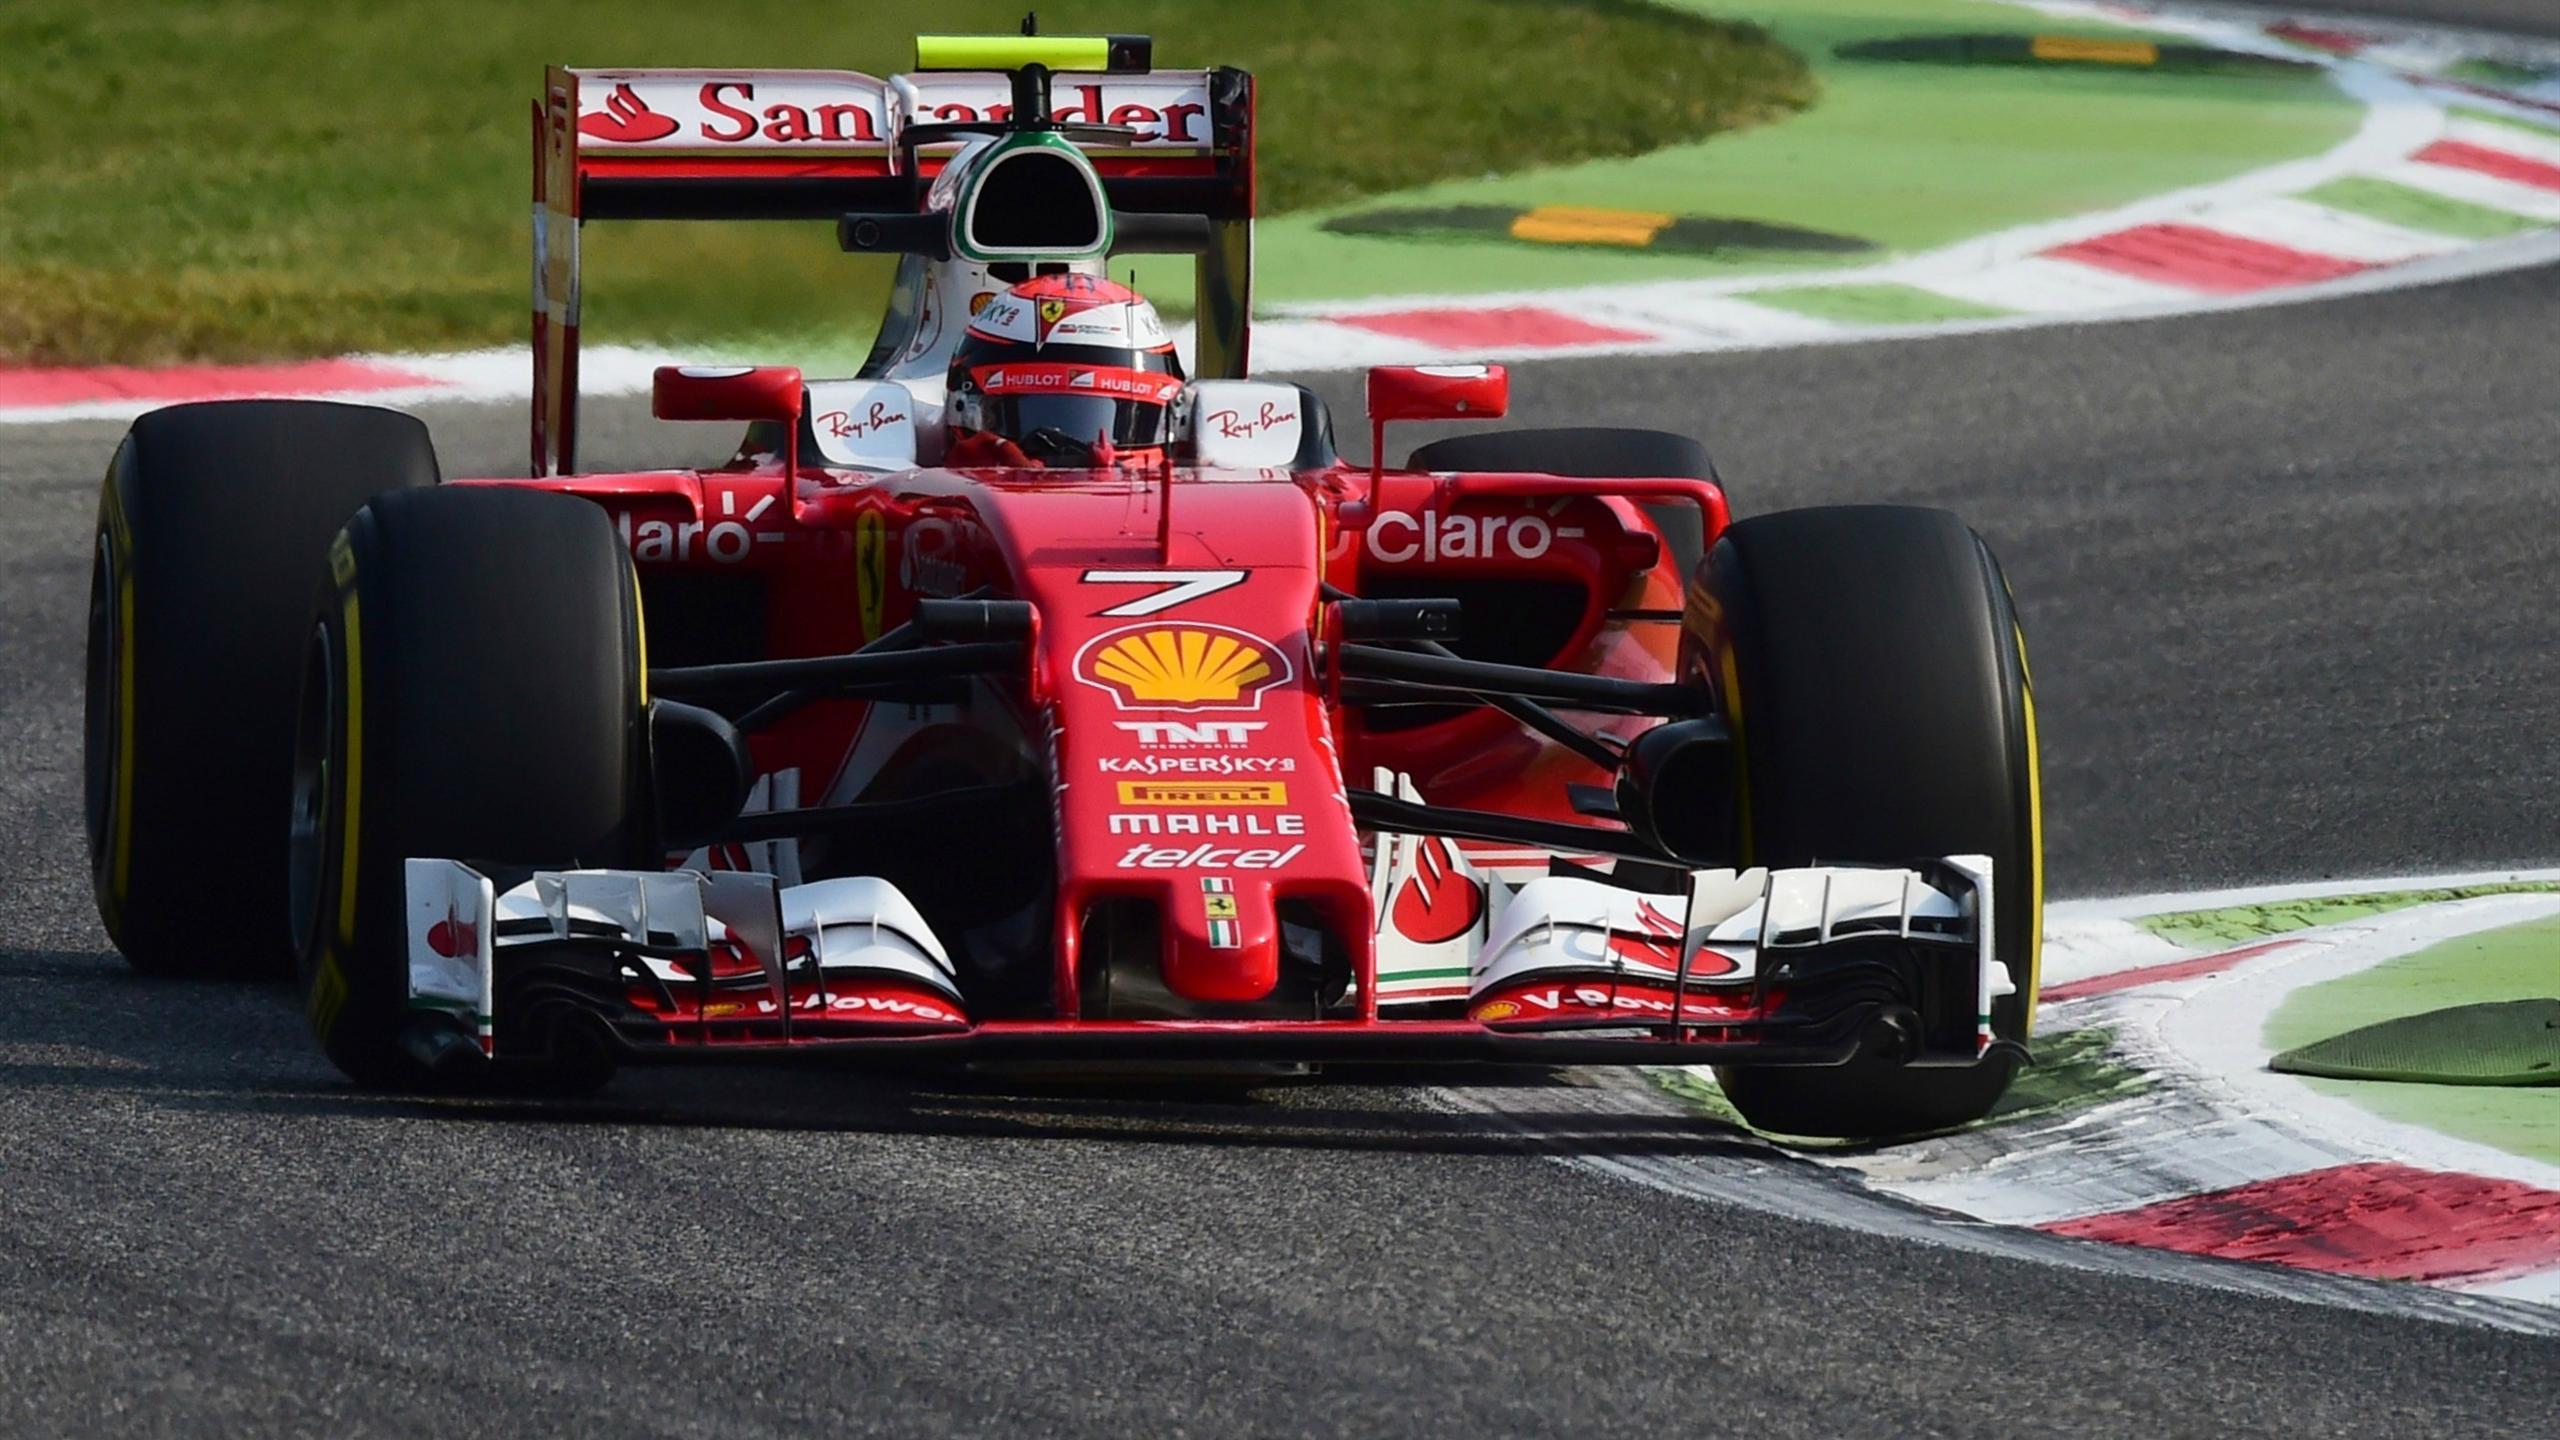 Kimi Räikkönen (Ferrari) - GP of Italy 2016